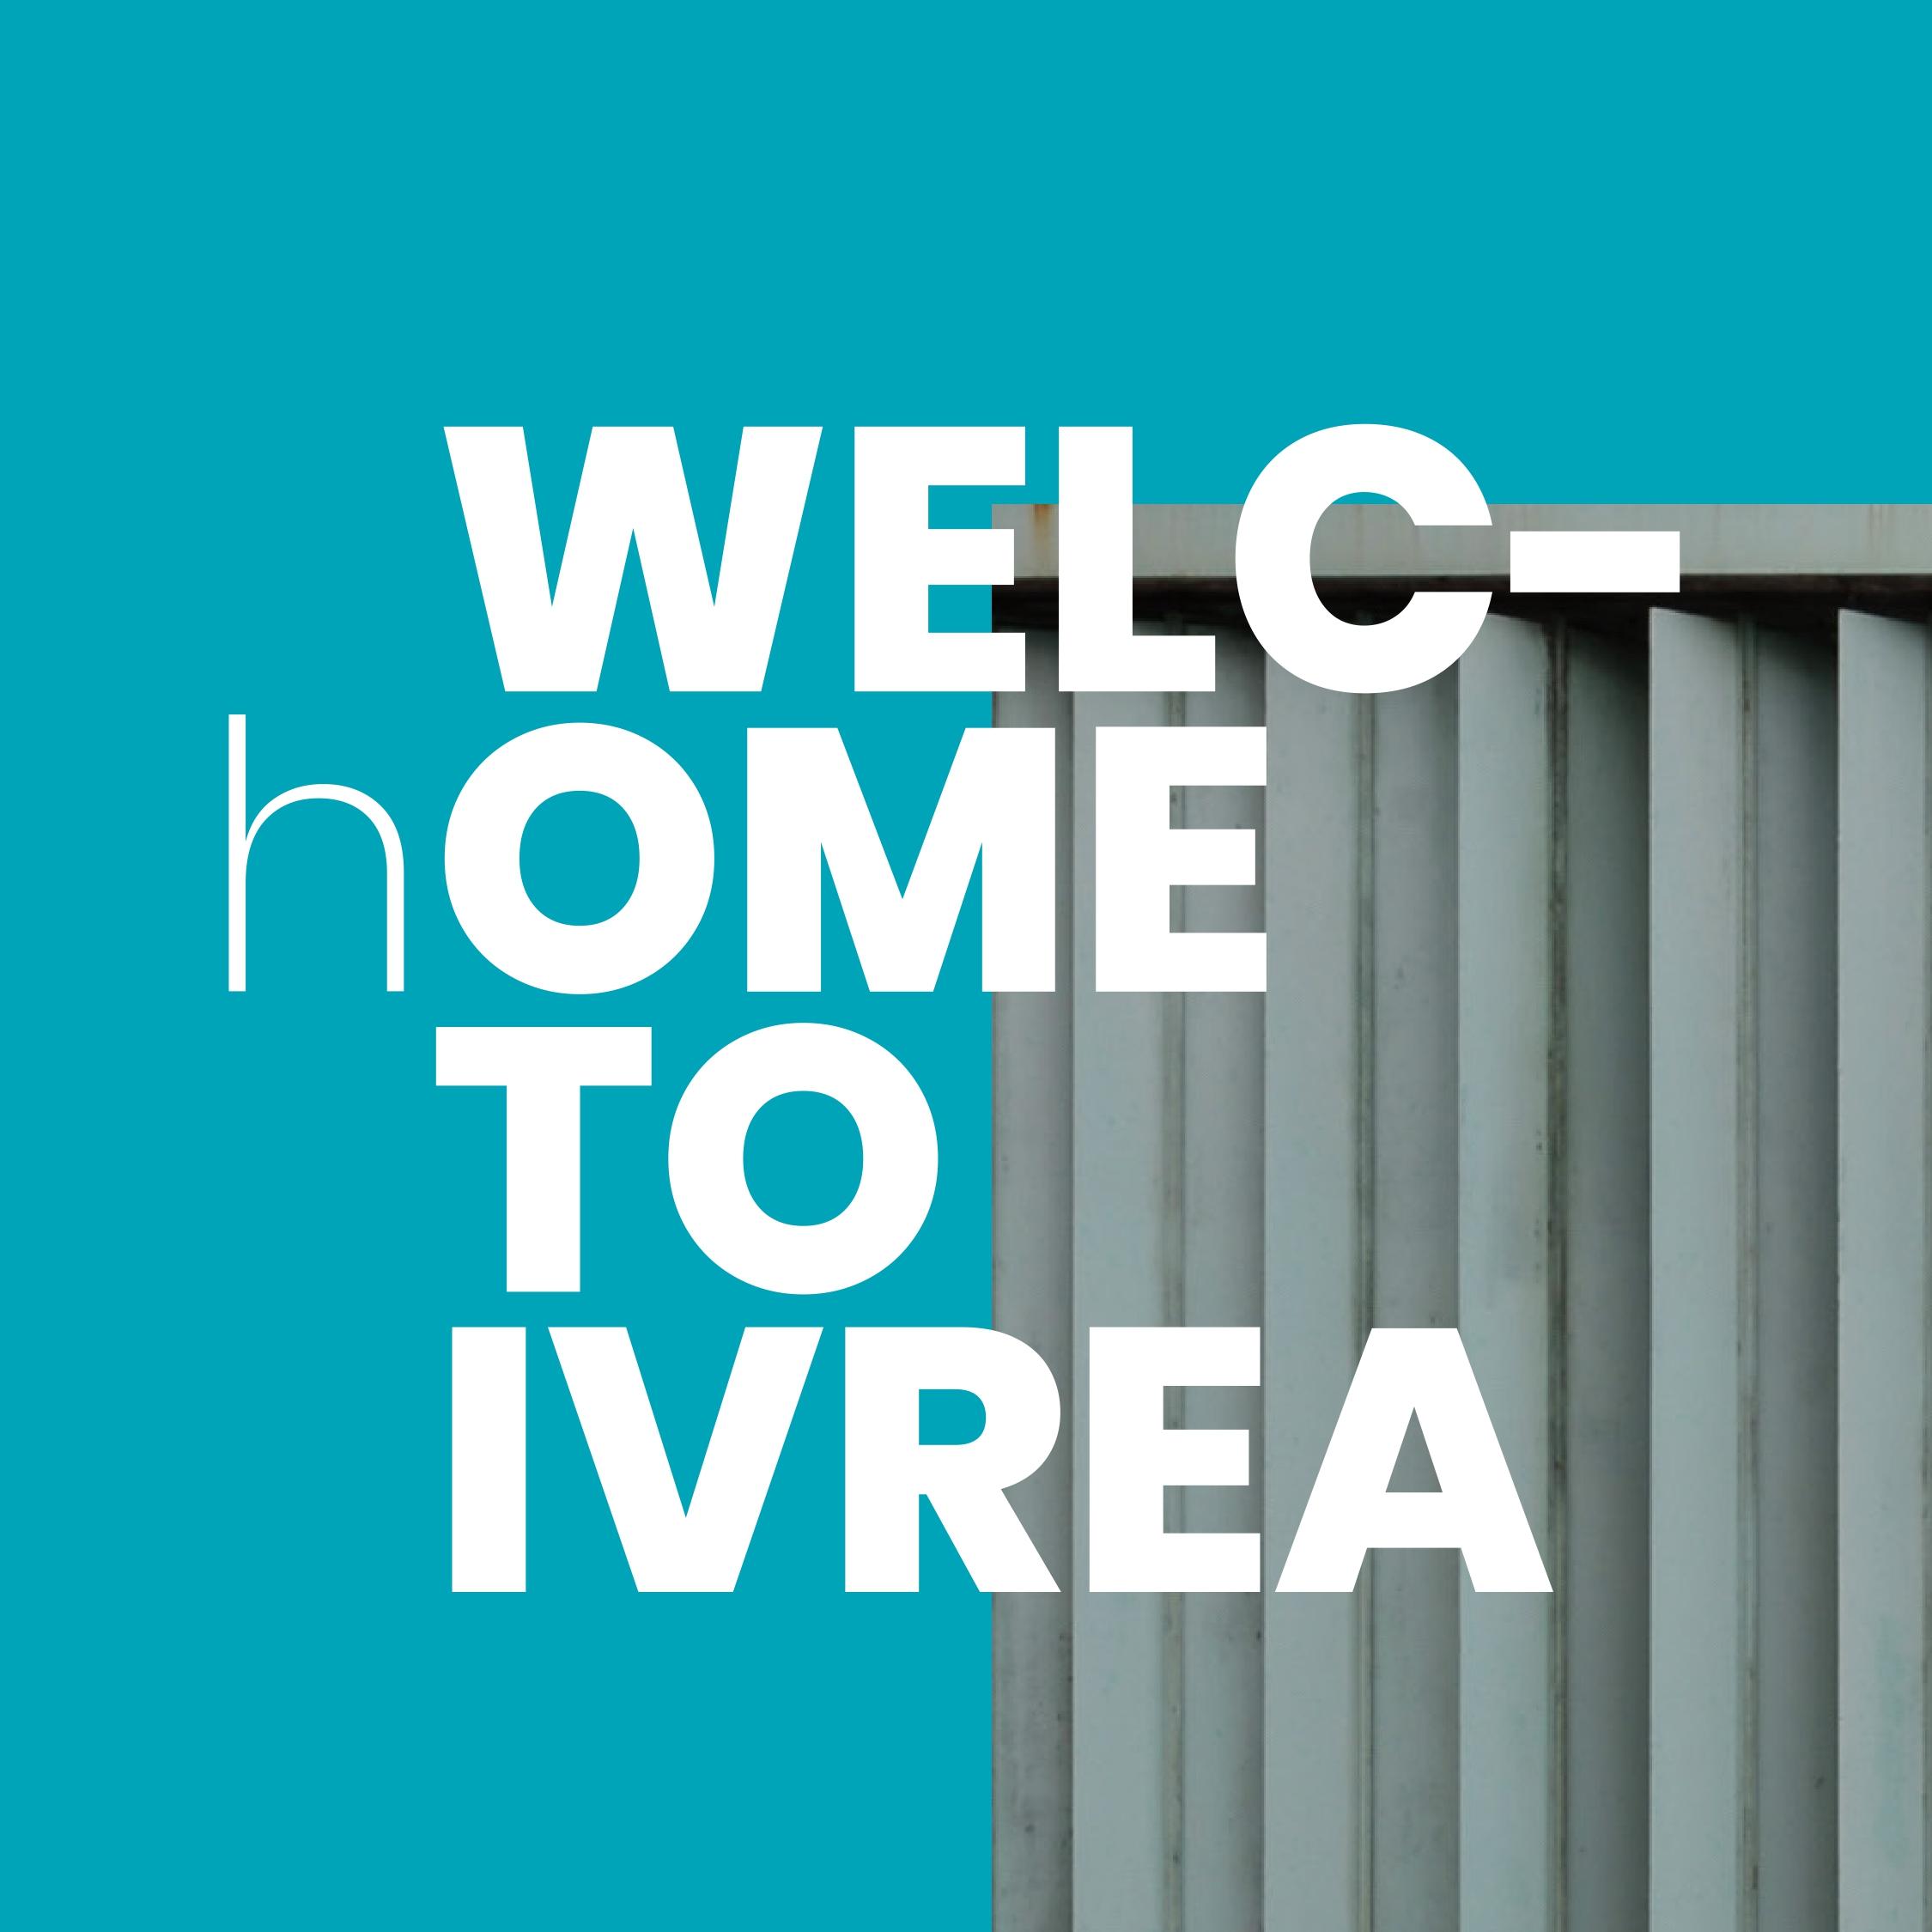 Welcome to Ivrea. Le iniziative dell'Associazione Archivio Storico Olivetti